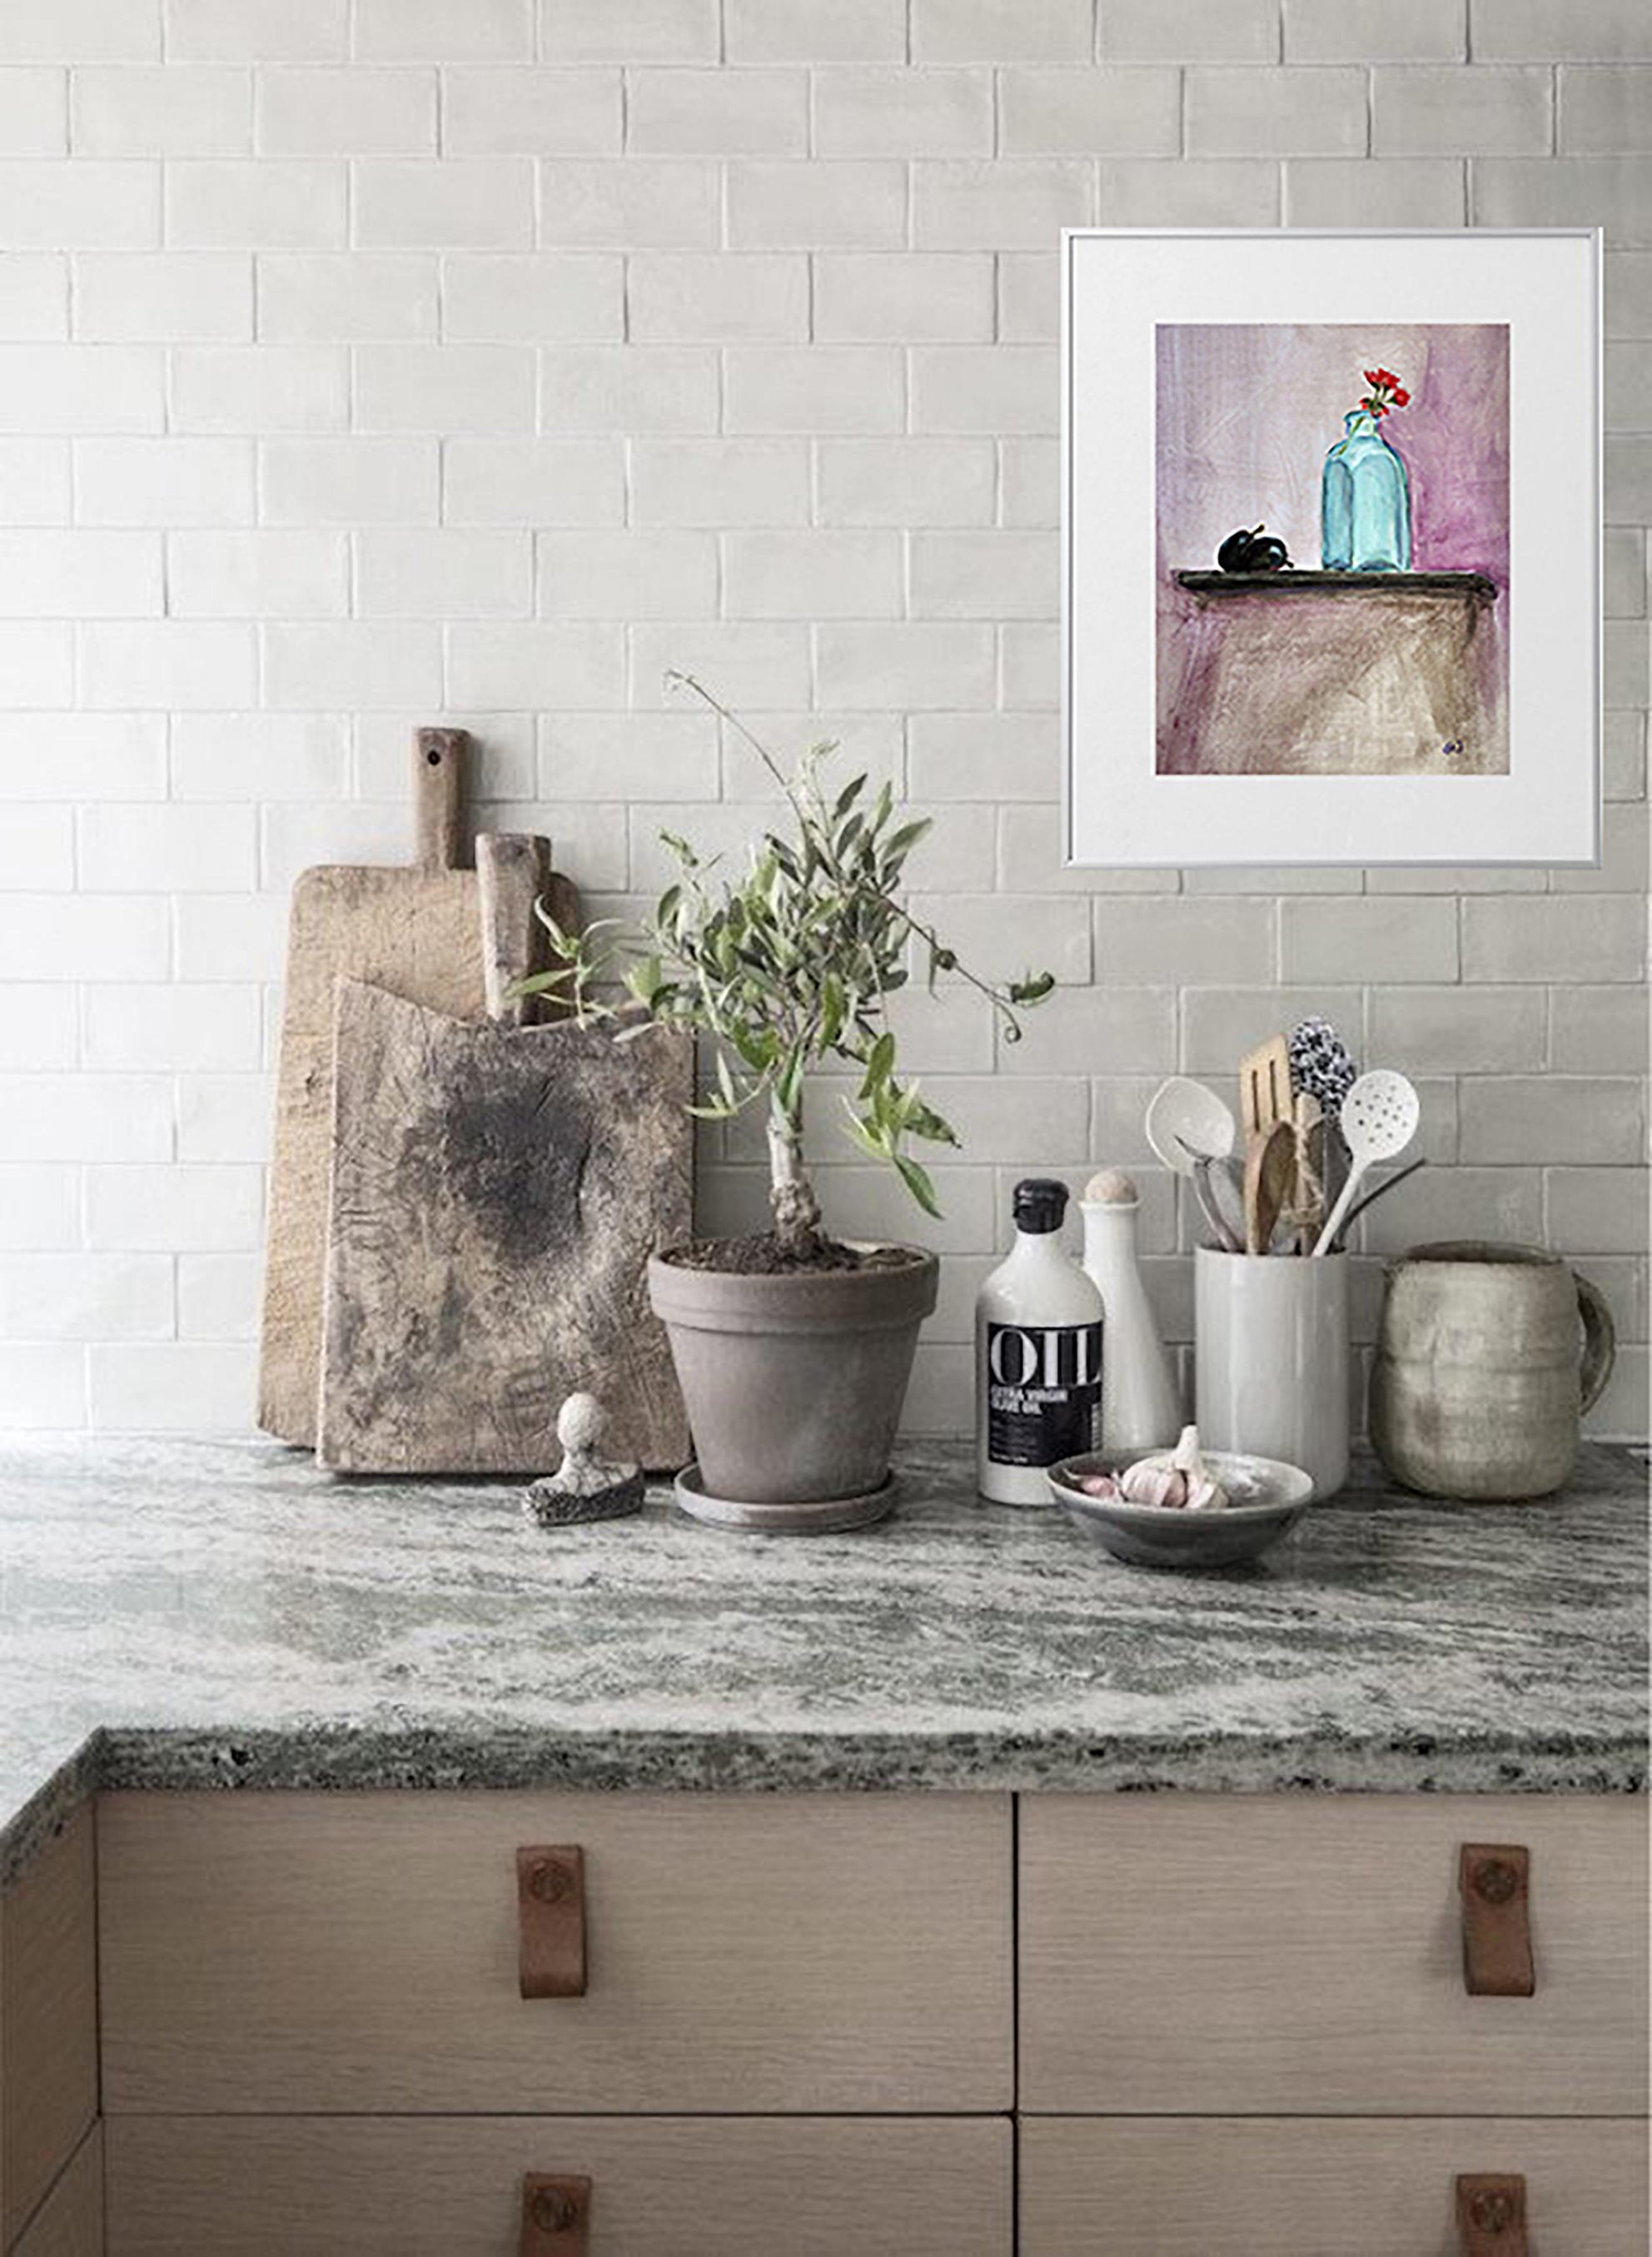 Plum and vase